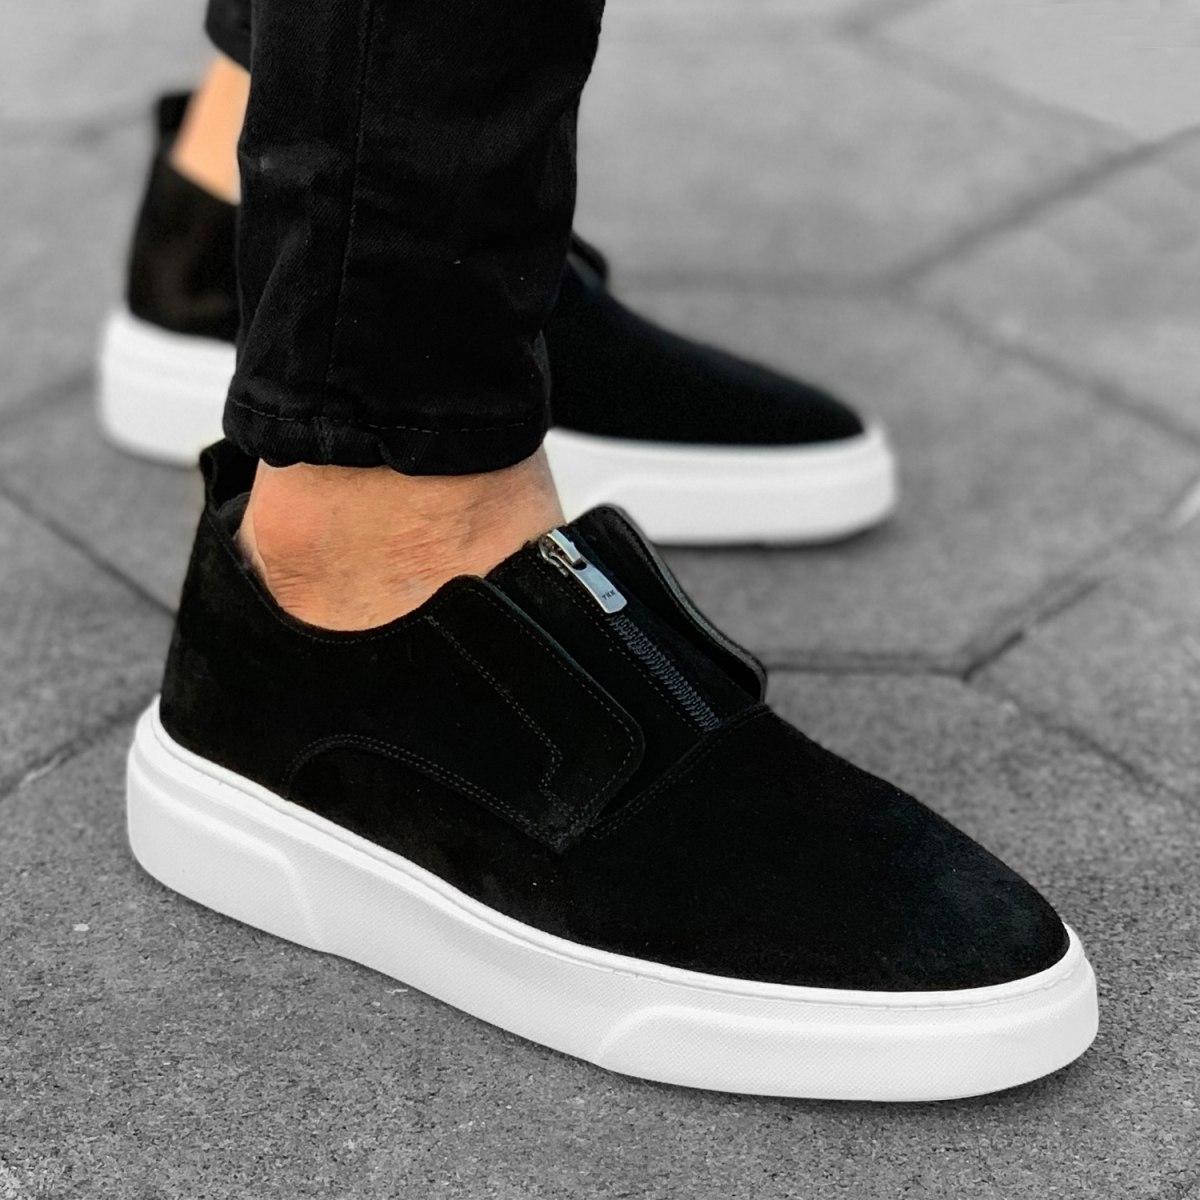 Hombre Diseñador Zapatillas Cuero Gamuza Negro-Blanco